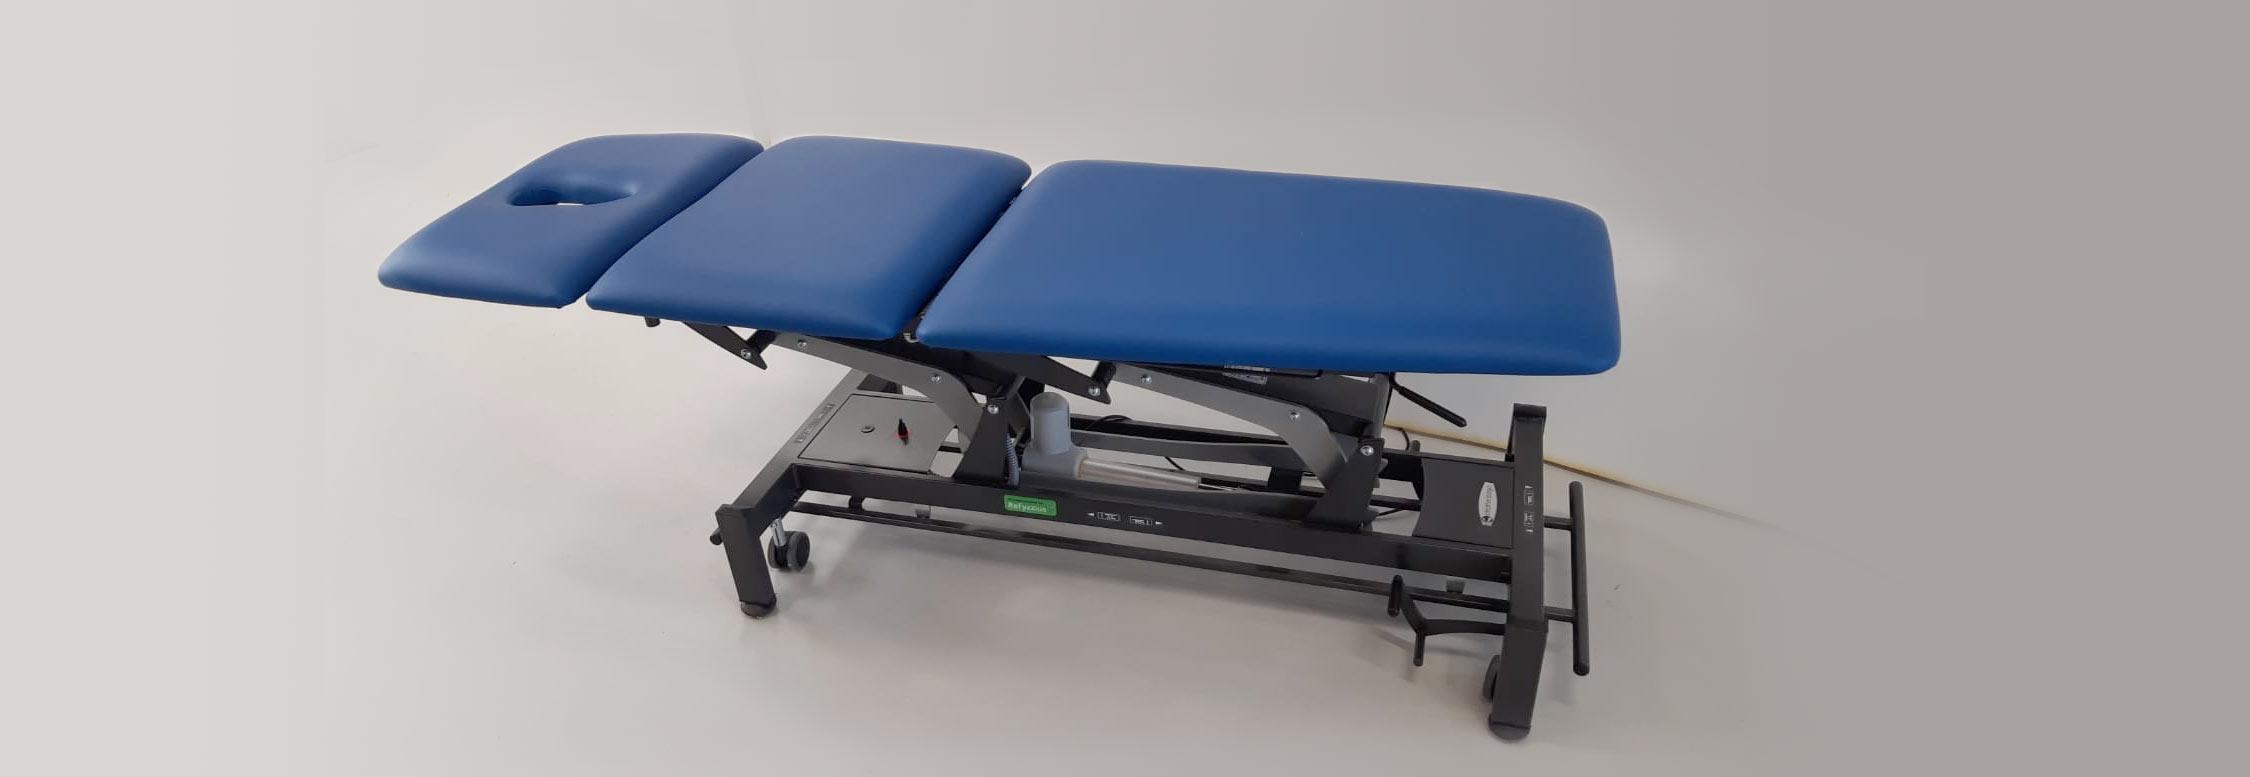 Hygiëne in de fysiotherapie praktijk